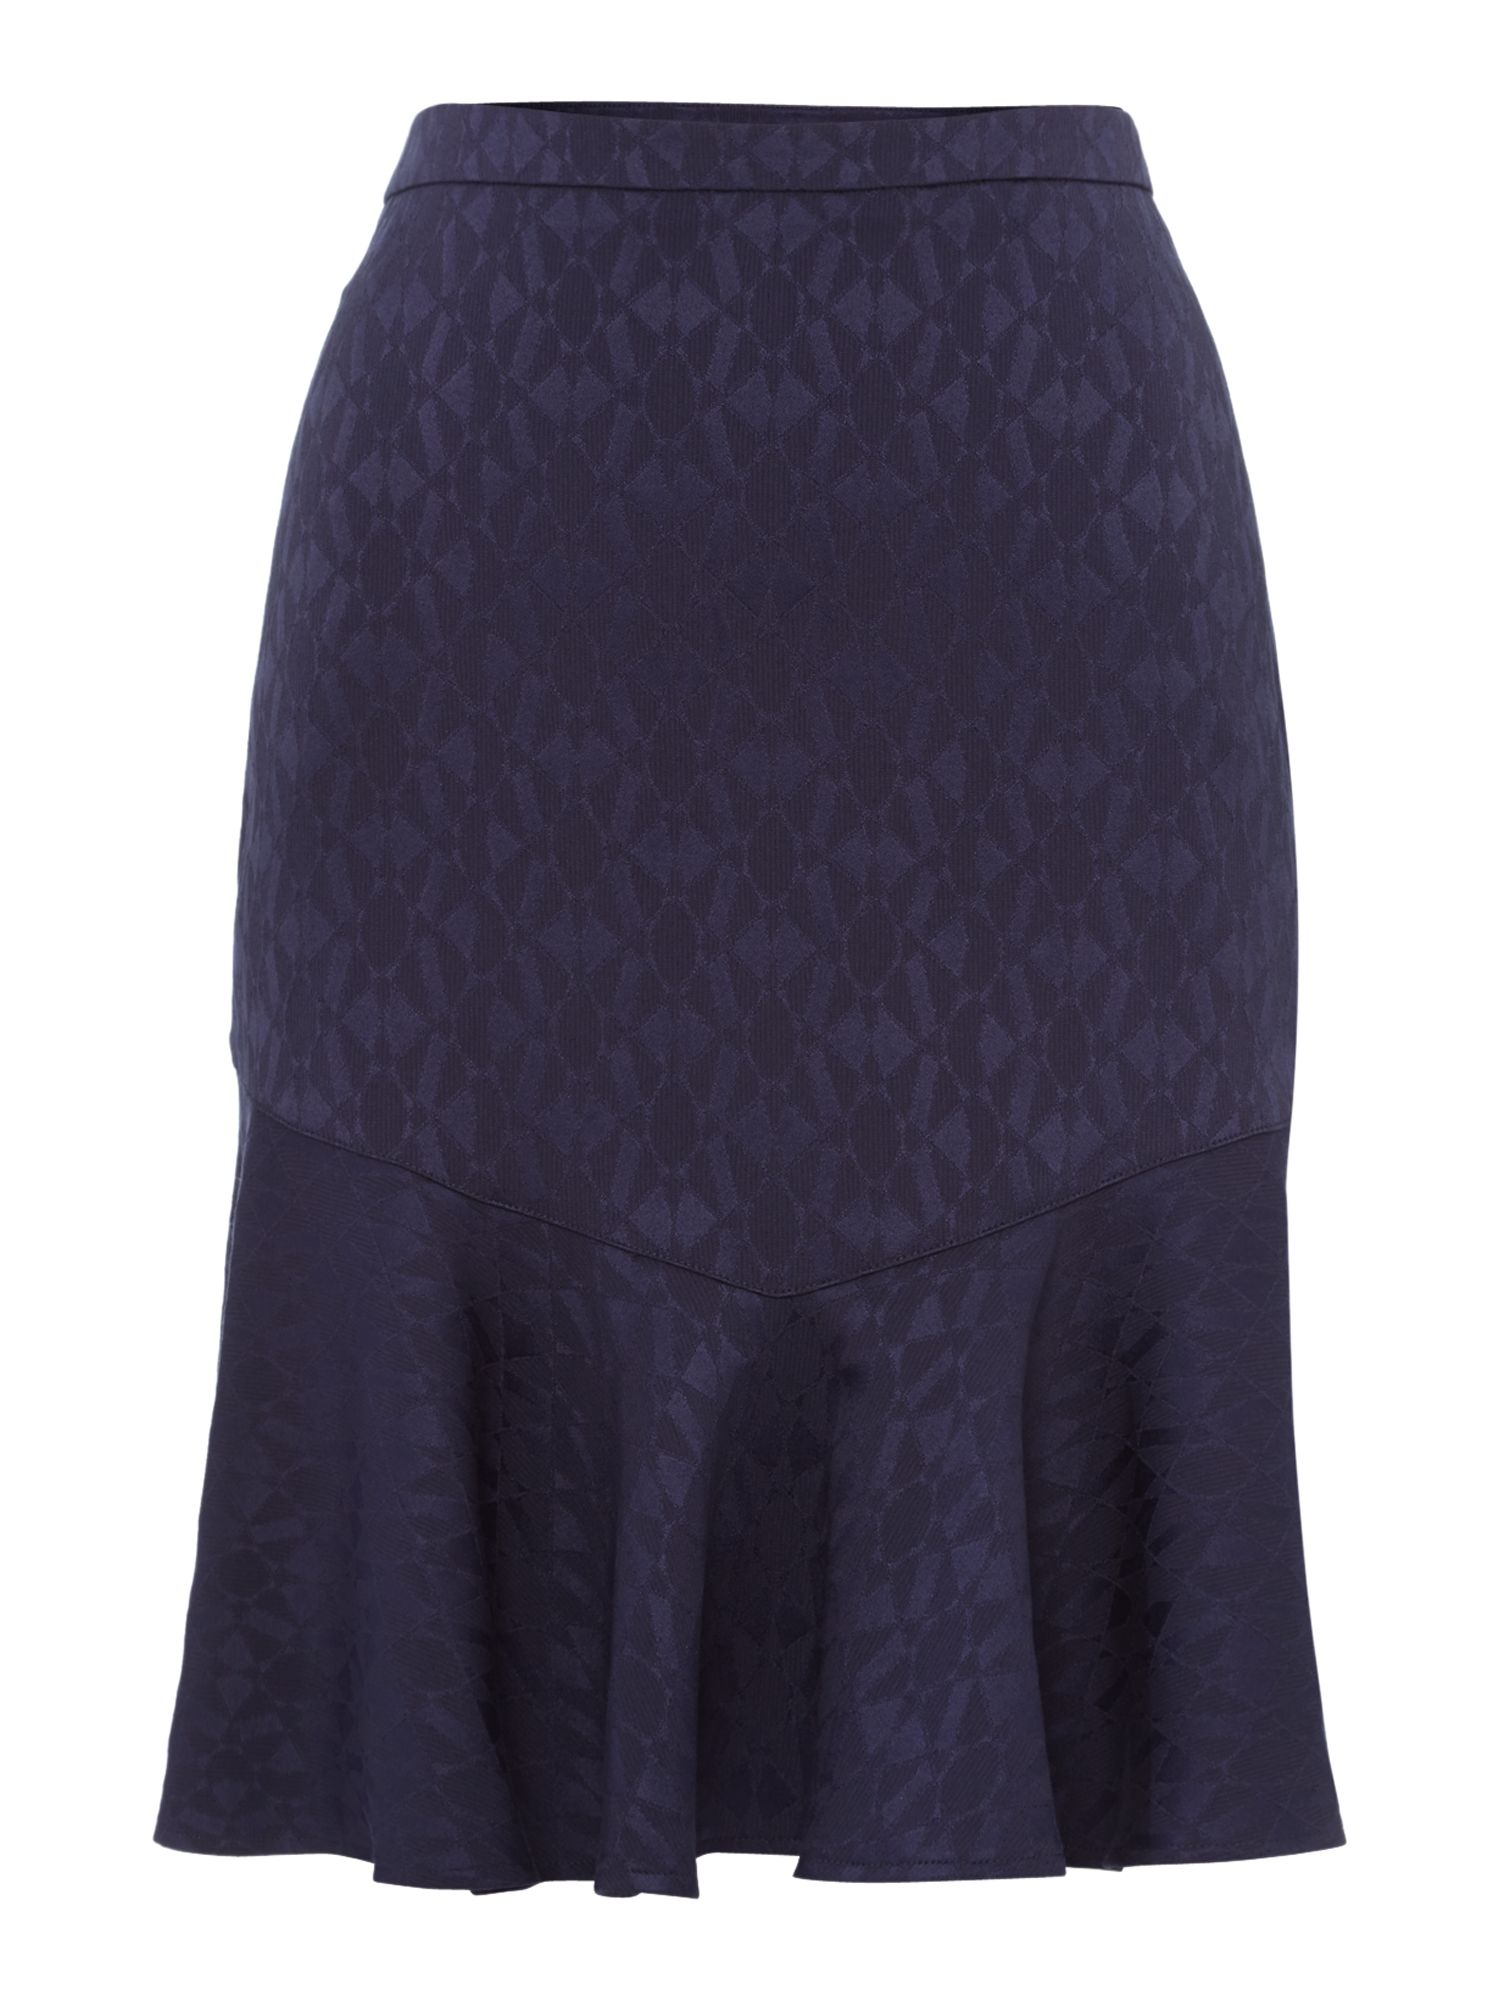 biba peplum hem texture skirt in blue navy lyst